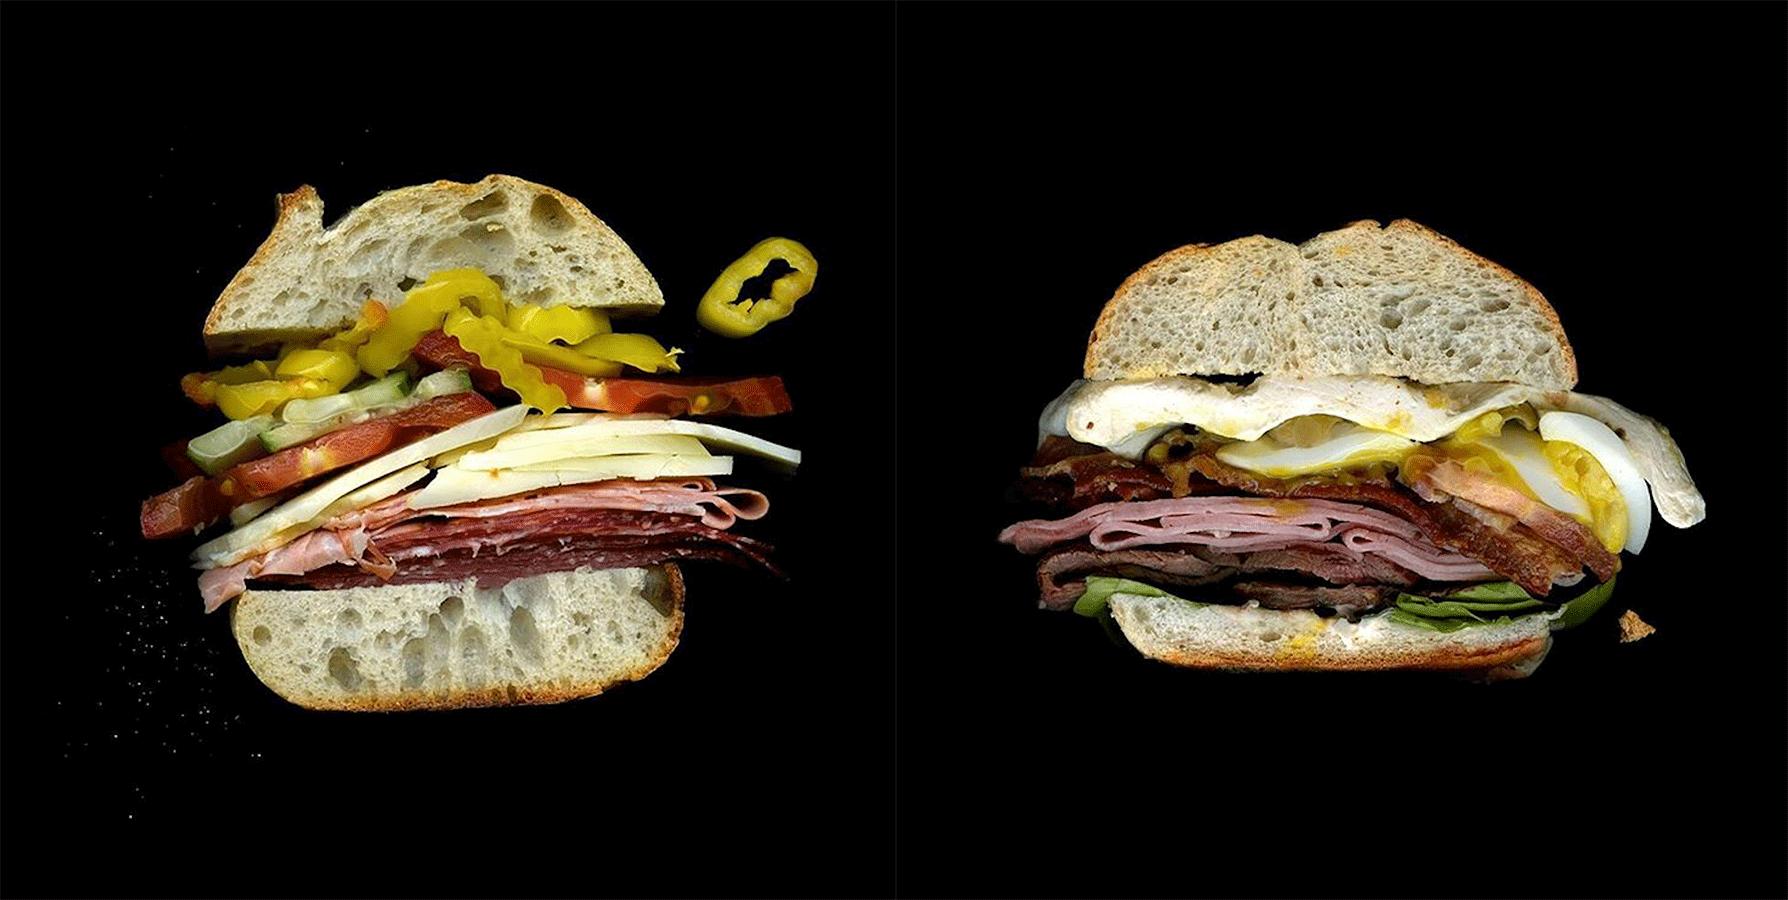 Le compte Instagram qui vous donnera envie de sandwichs !